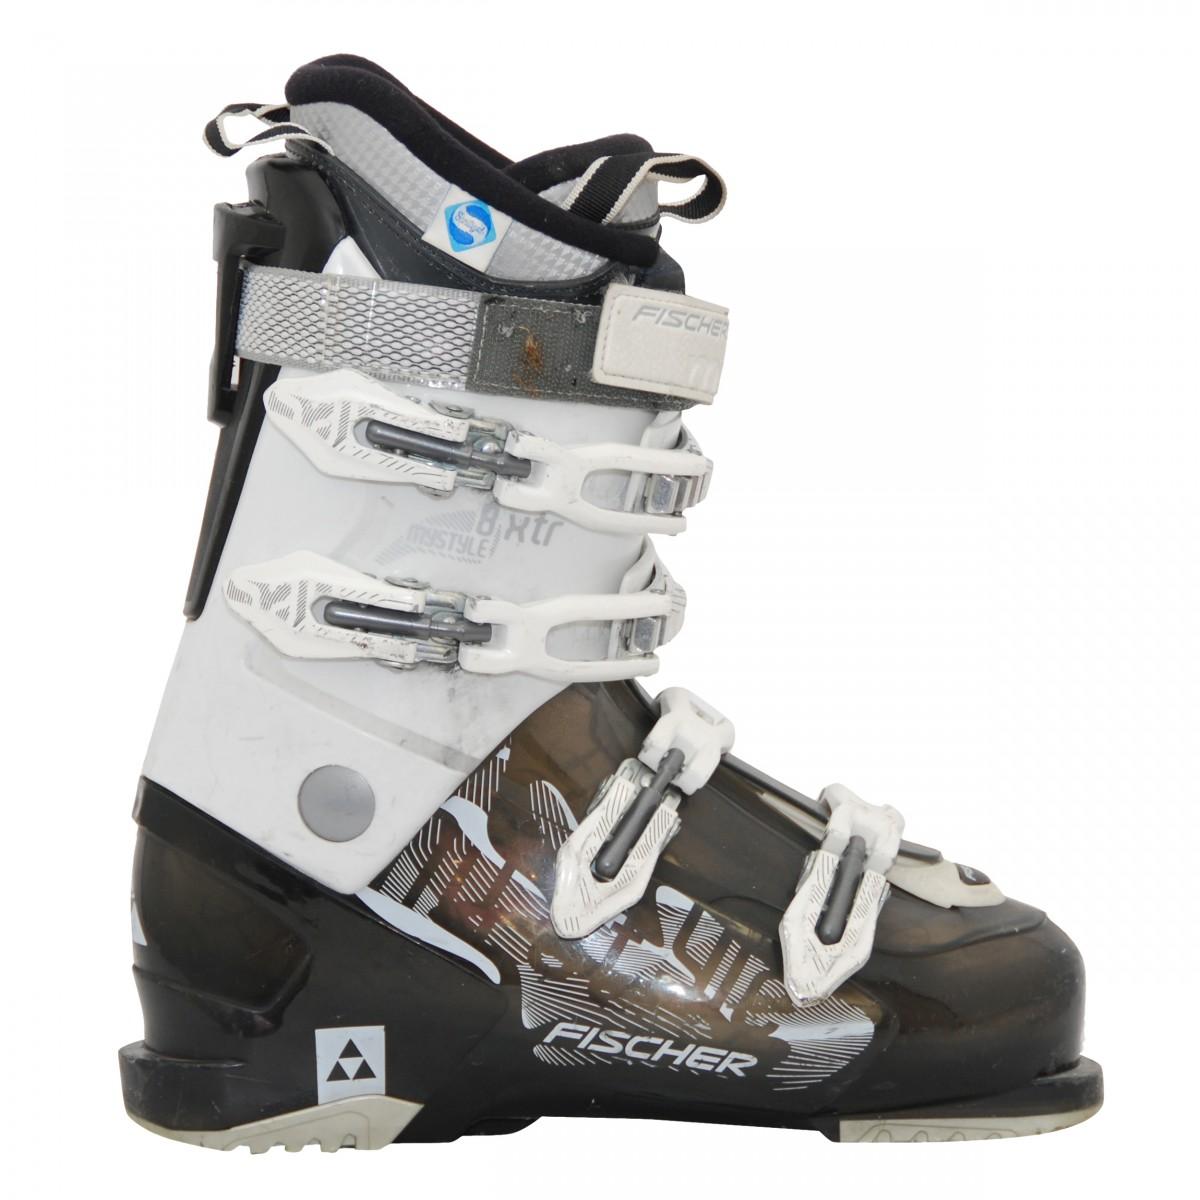 Détails sur Chaussure de ski occasion Fischer xtr 8 my style noir et blanc